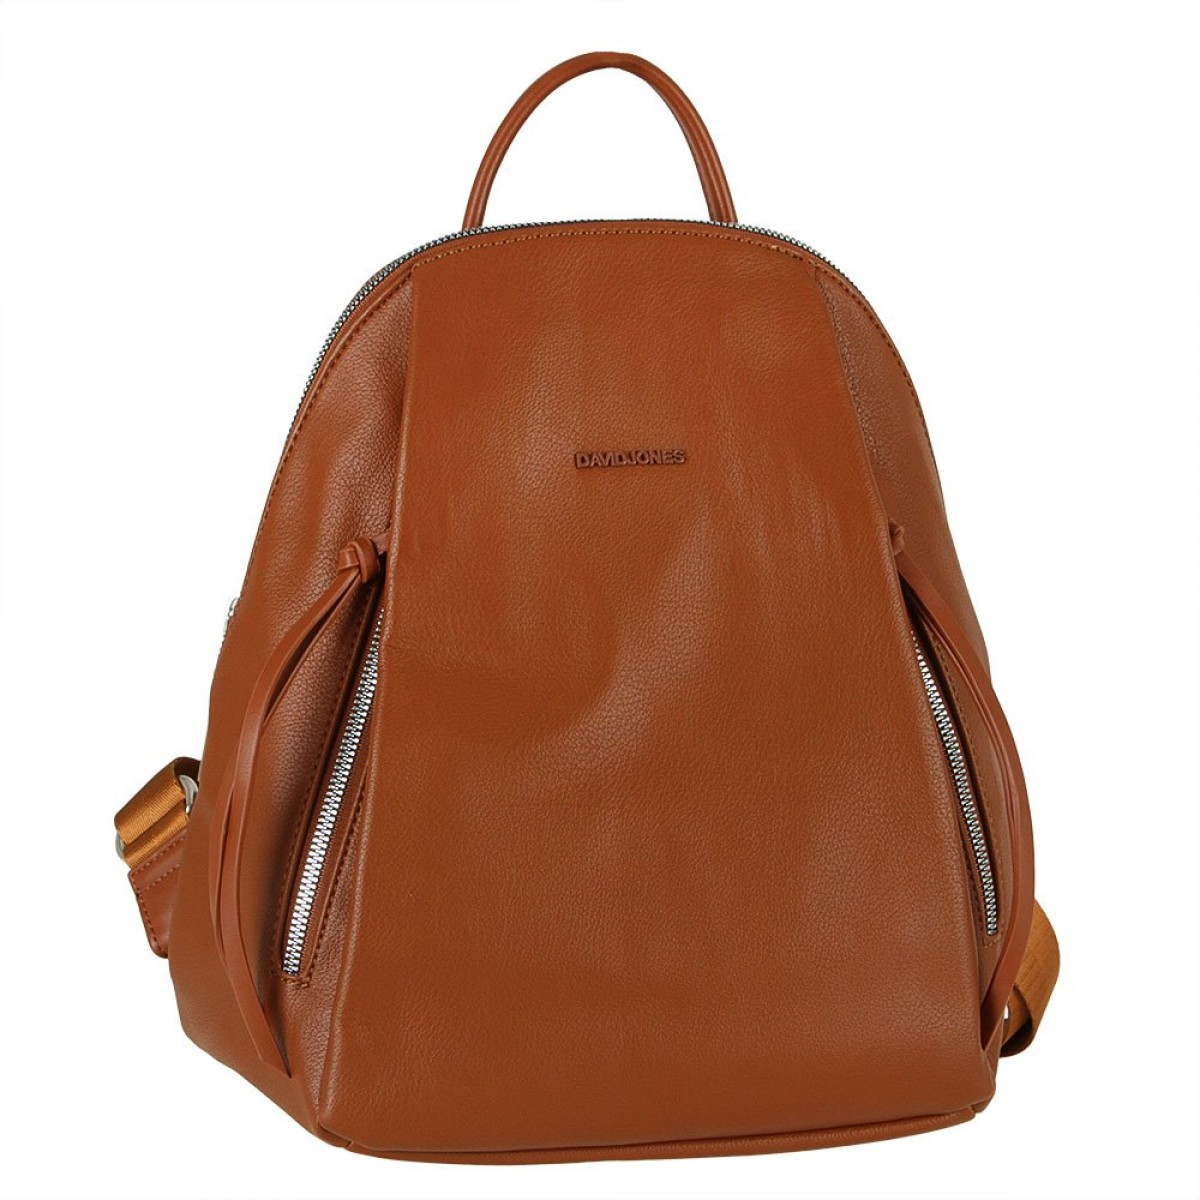 Жіночий рюкзак David Jones CM5848 COGNAC